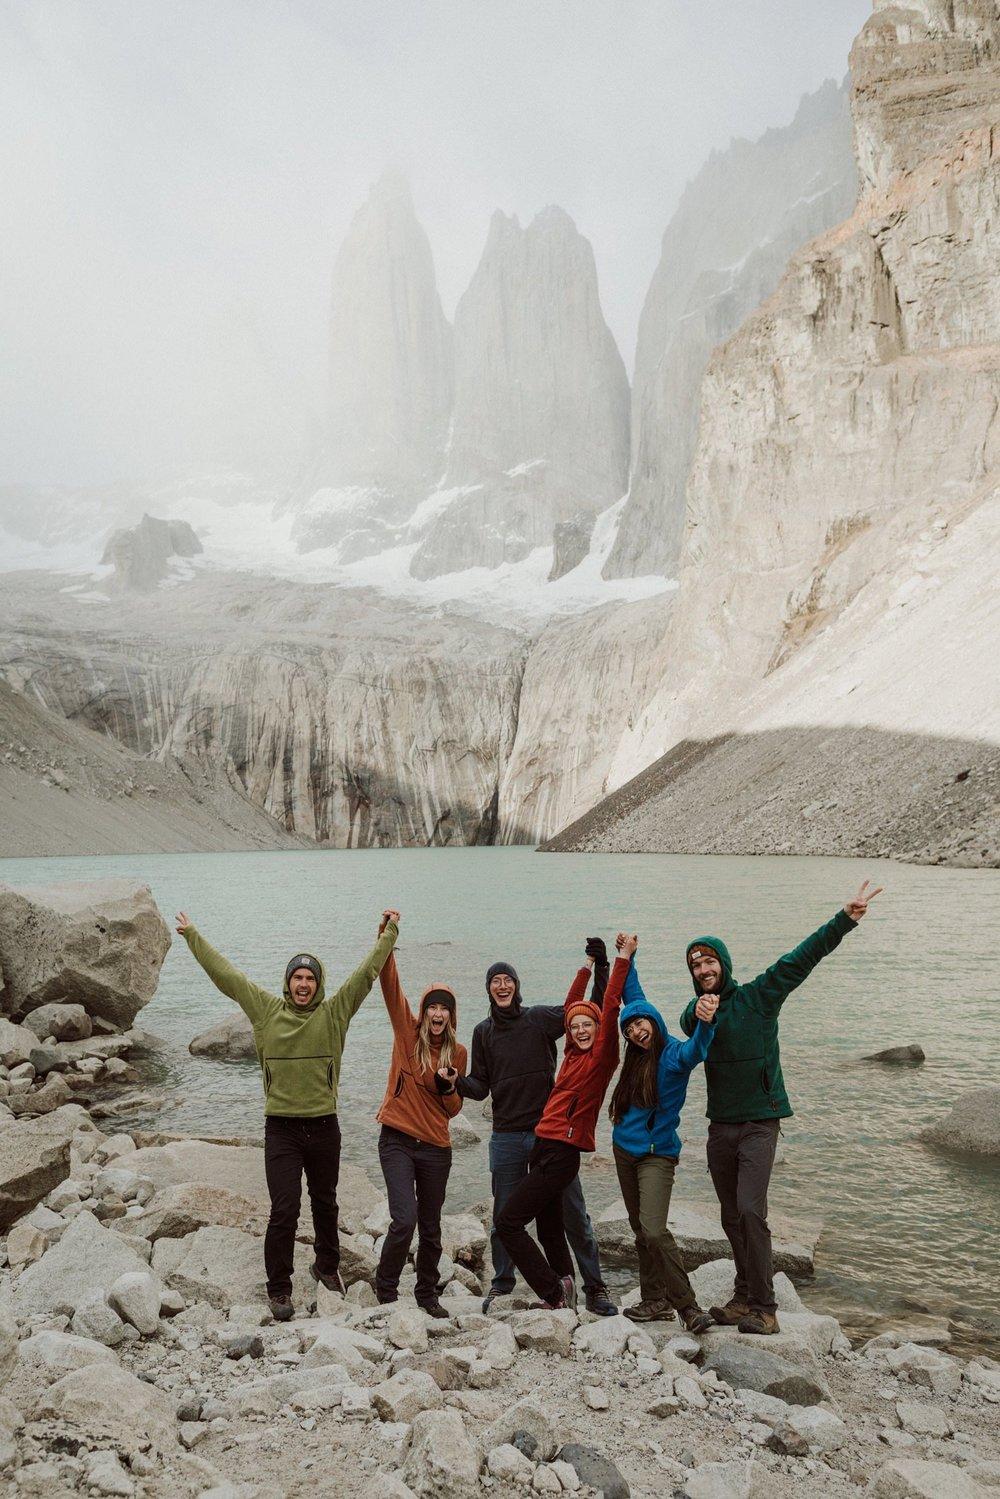 torres-del-paine-adventure-session-7.jpg